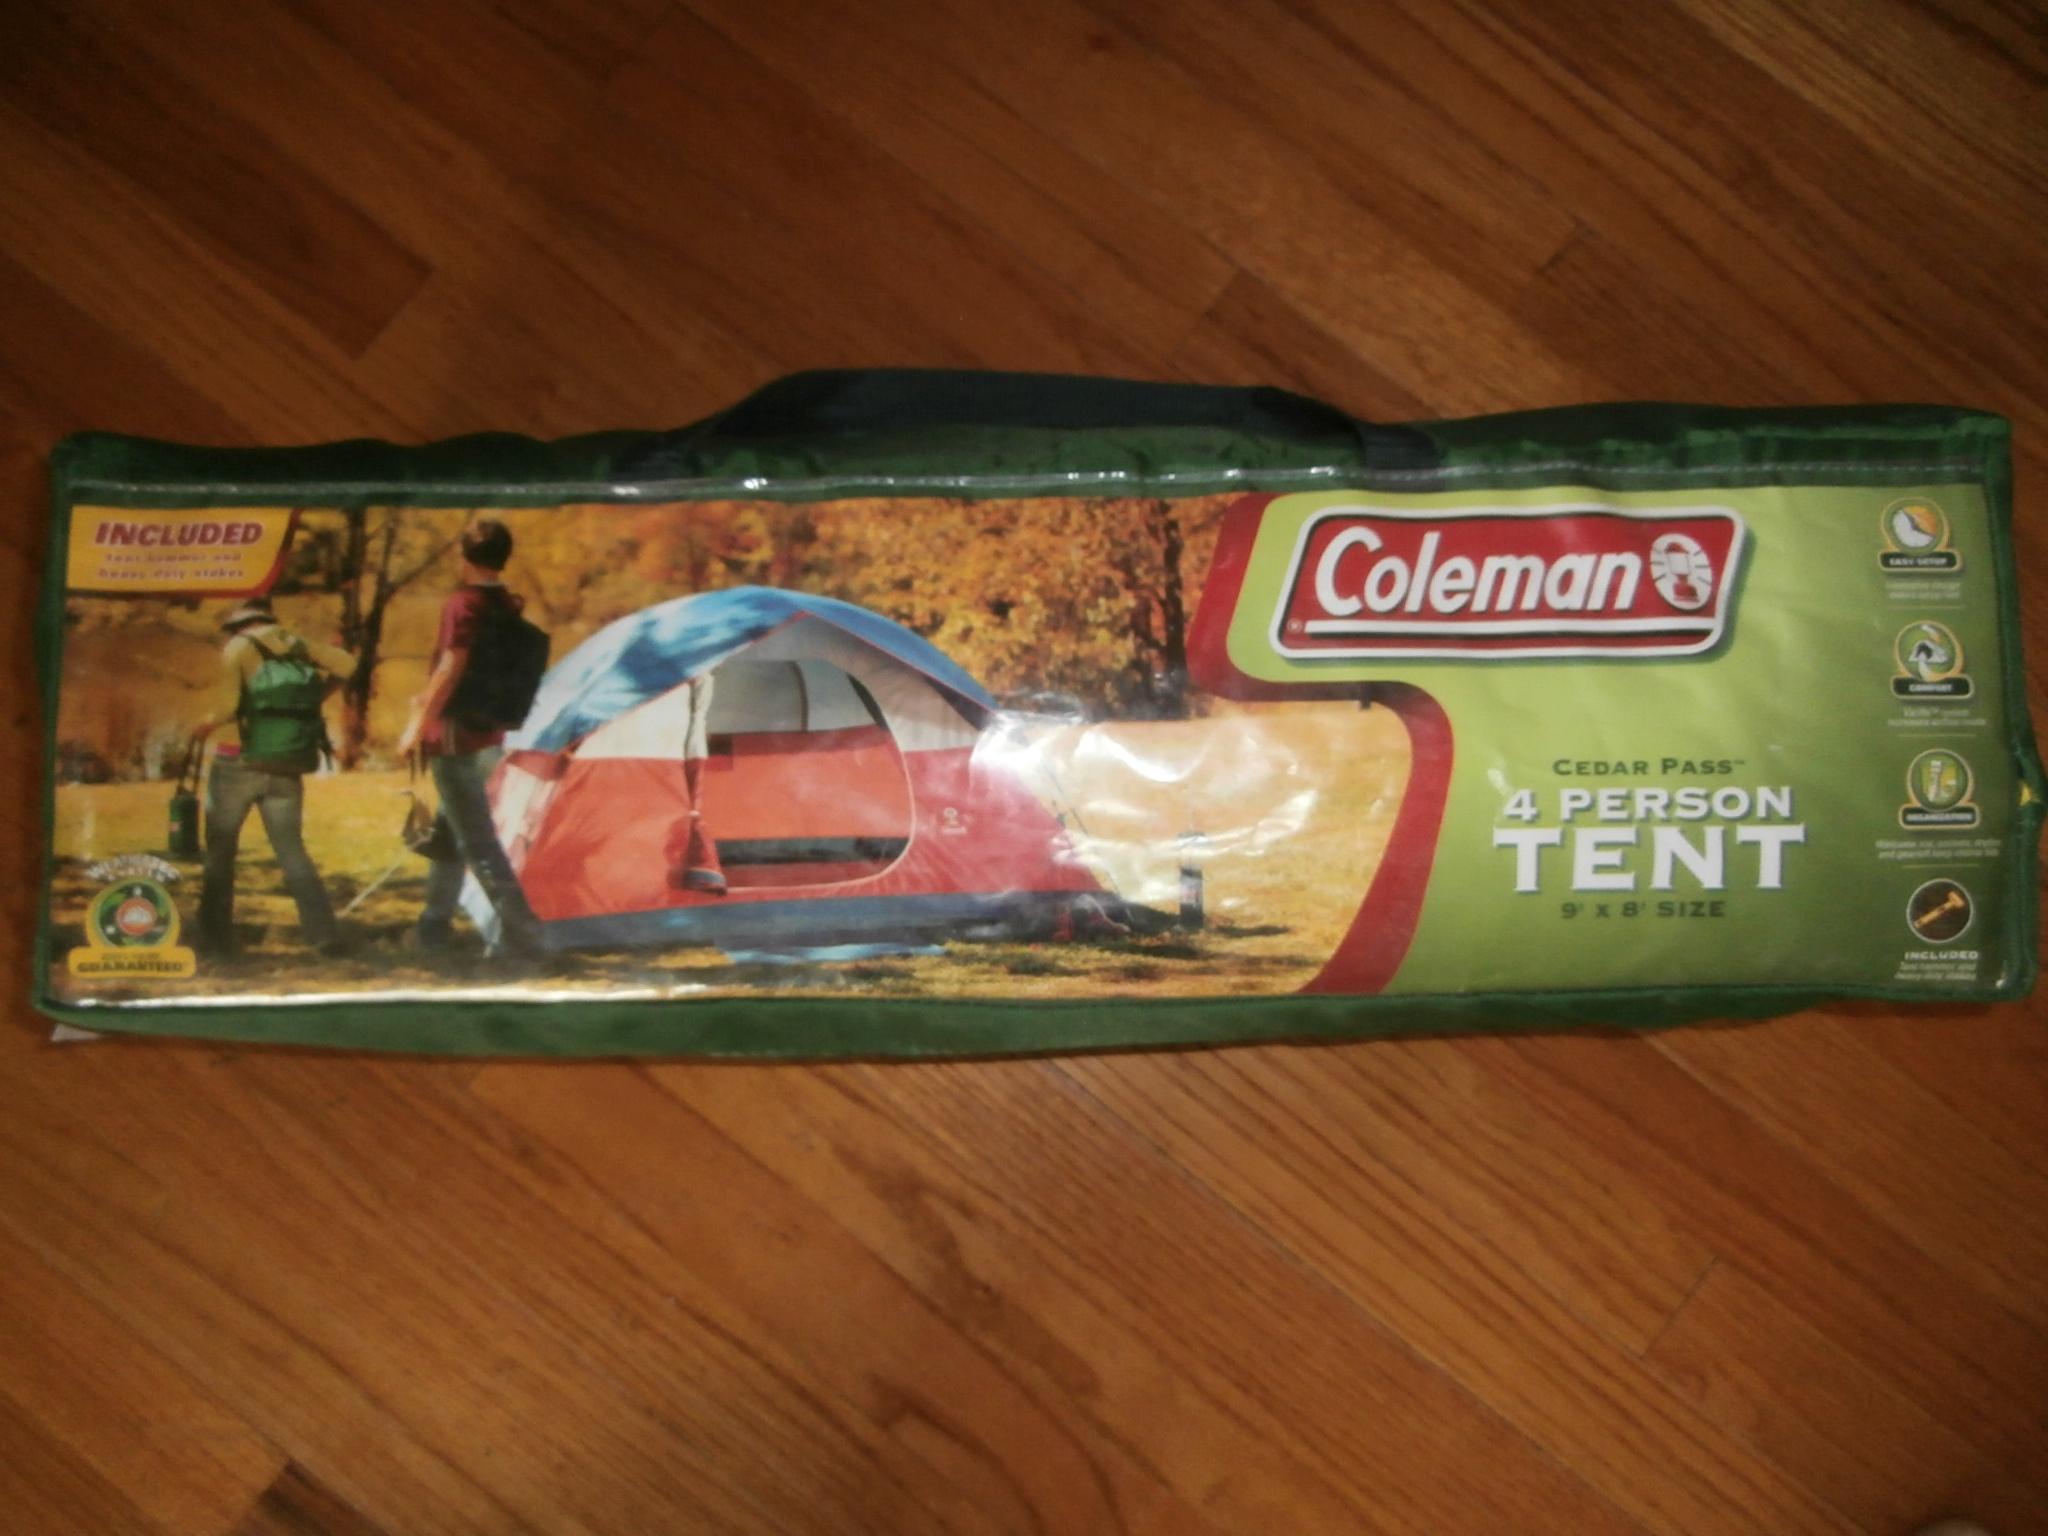 Ogłoszenie darmowe. Lokalizacja:  Hillsborough, NJ. ARCHIWALNE - Wszystkie. Sprzedam namiot Coleman 4 osobowy..